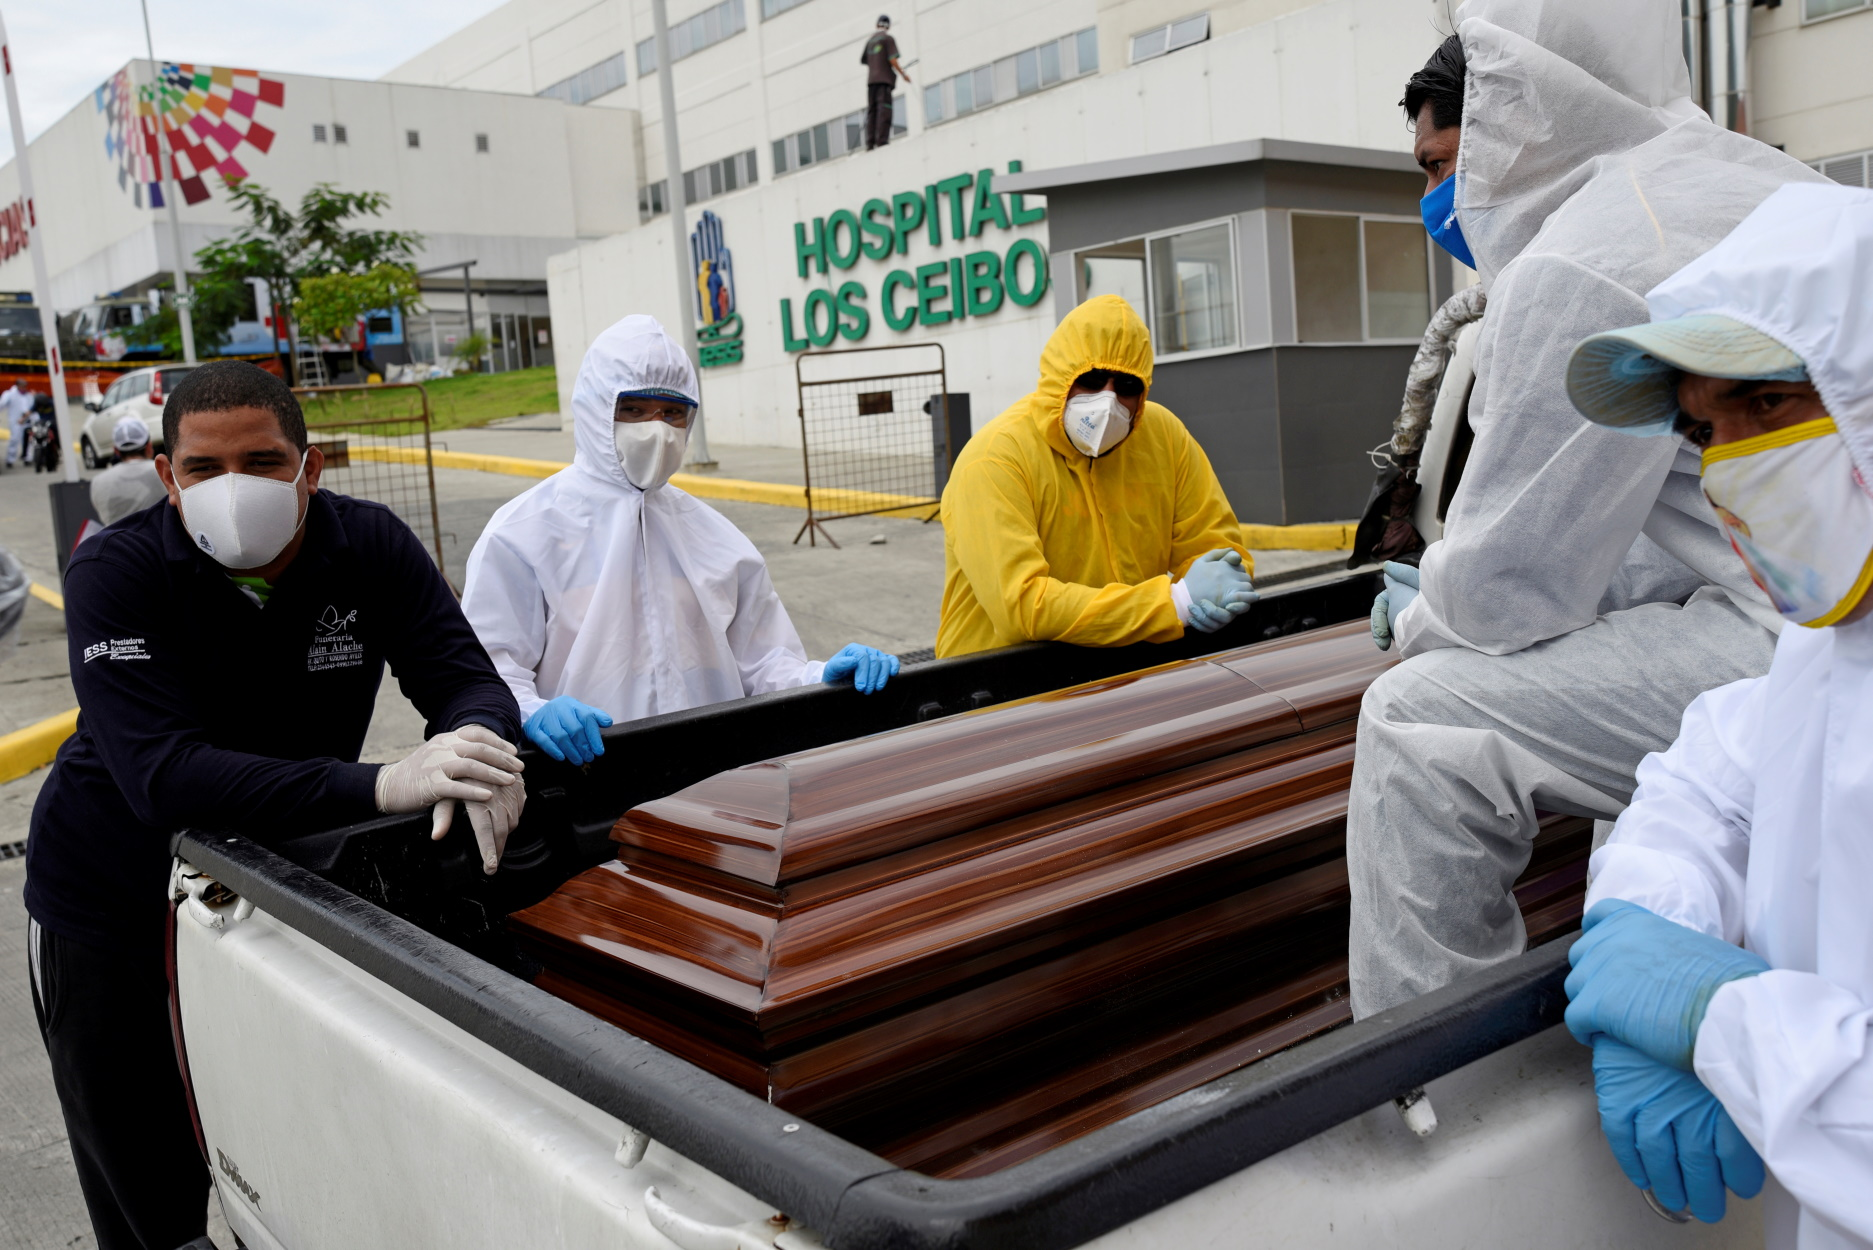 Ισημερινός: 300% περισσότεροι θάνατοι από κορονοϊό και τις τραγικές ελλείψεις στα νοσοκομεία